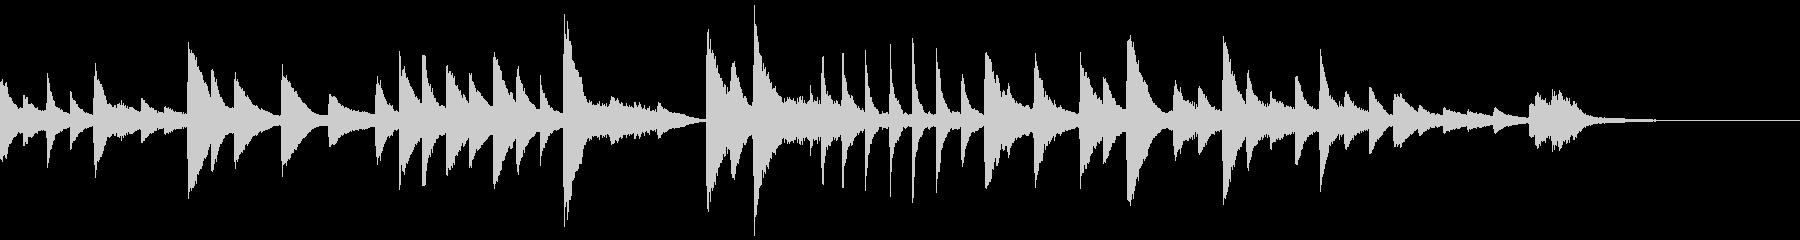 さくらをイメージした和風のピアノソロの未再生の波形